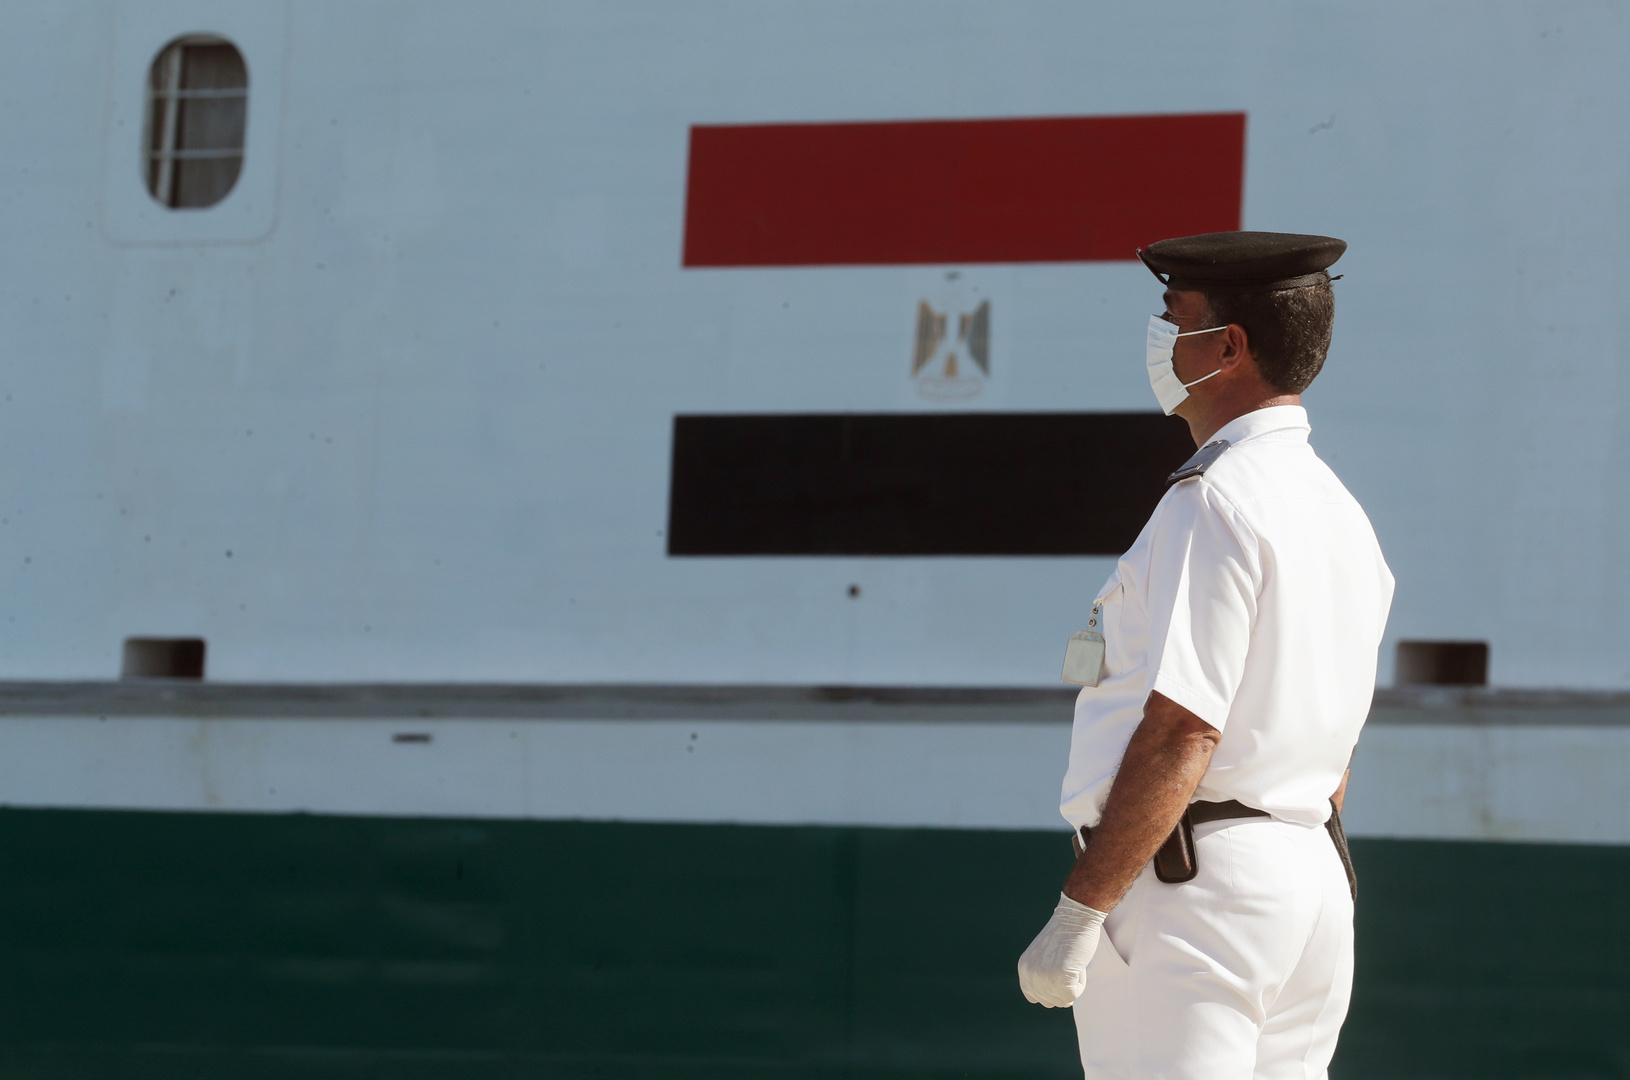 البحرية المصرية تنقذ مركبا يرفع العلم التركي في عمق المتوسط